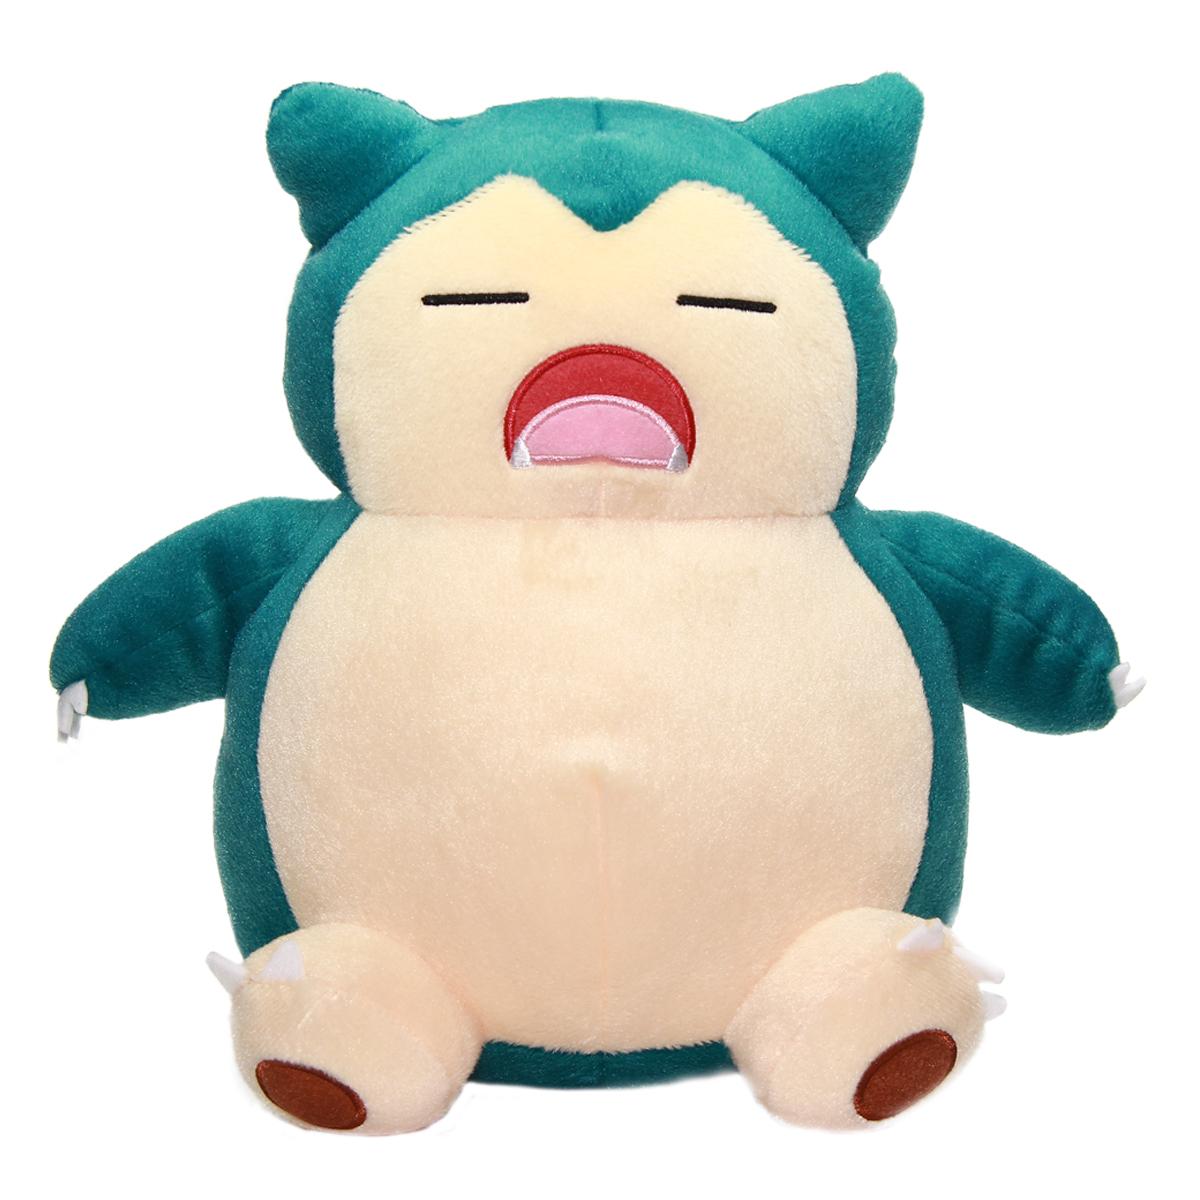 Pokemon Snorlax Plush Doll 10 Inches Bandai Spirits Banpresto